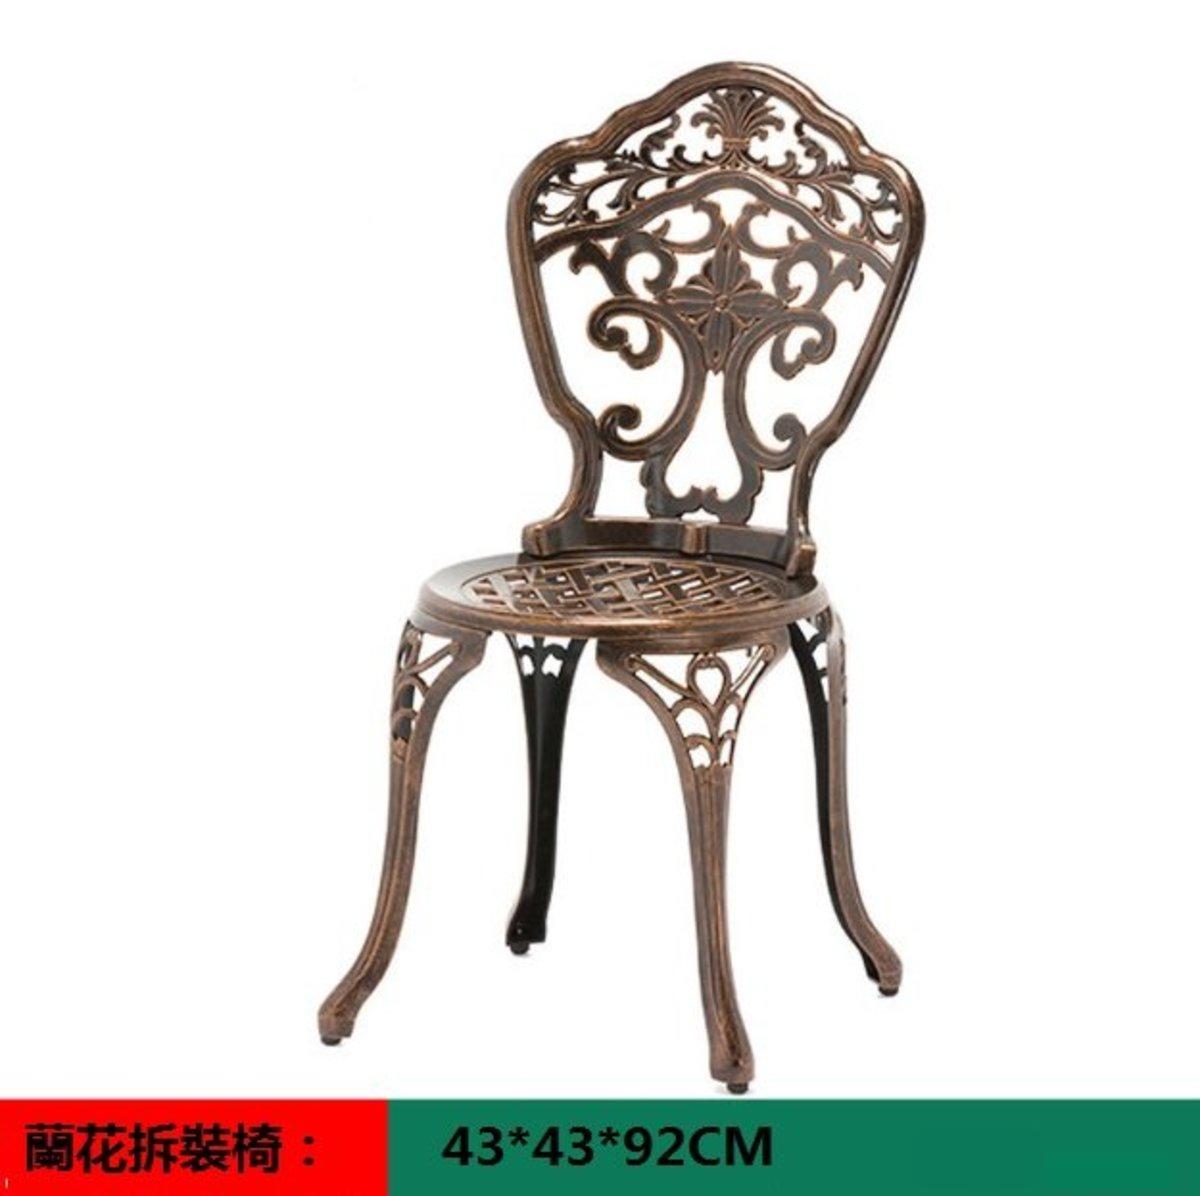 室外咖啡廳歐式餐桌椅(蘭花拆裝椅:43*43*92CM)